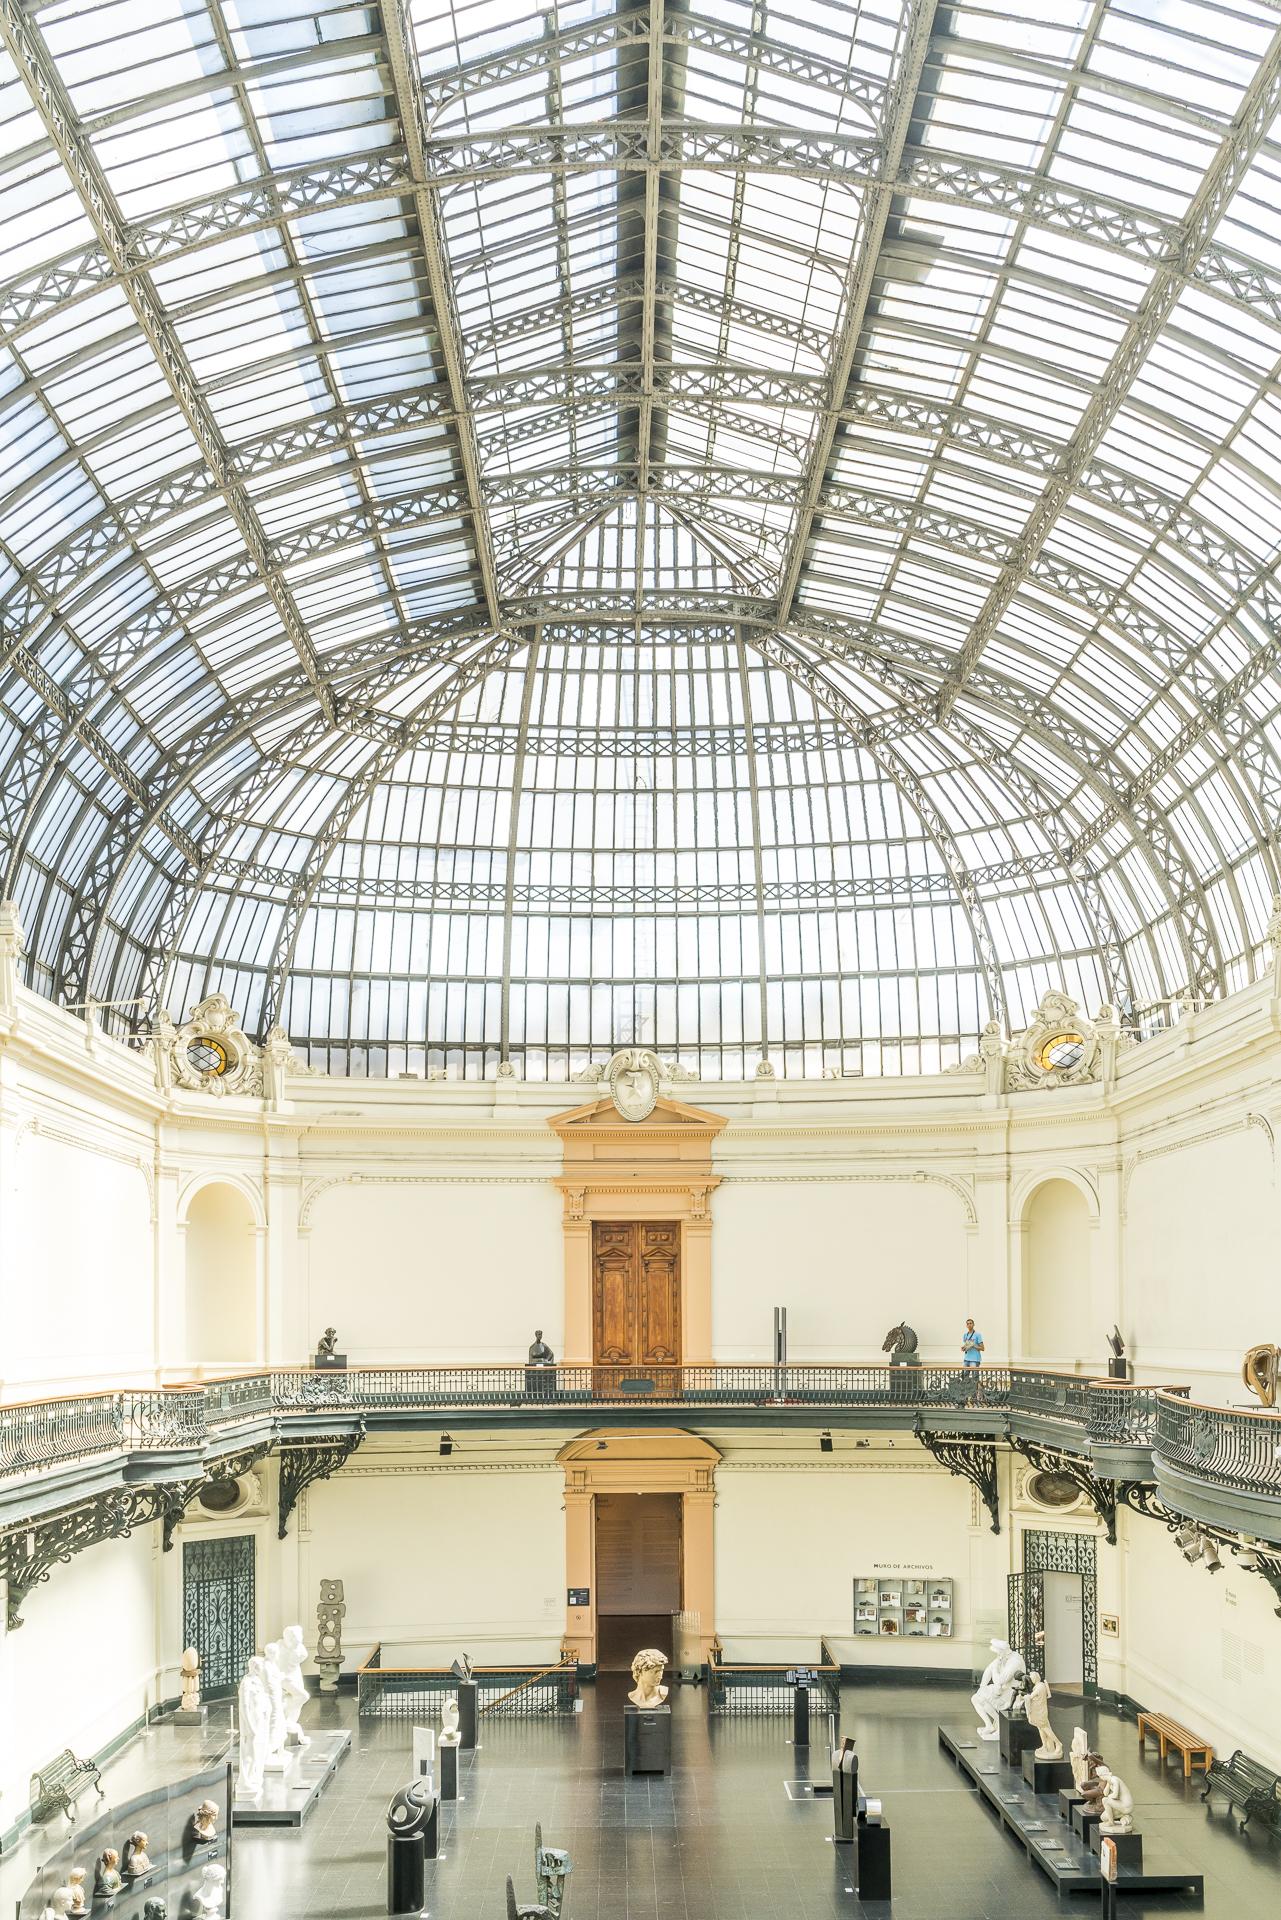 Santiago Museuo Nacional de Bellas Artes Architektur